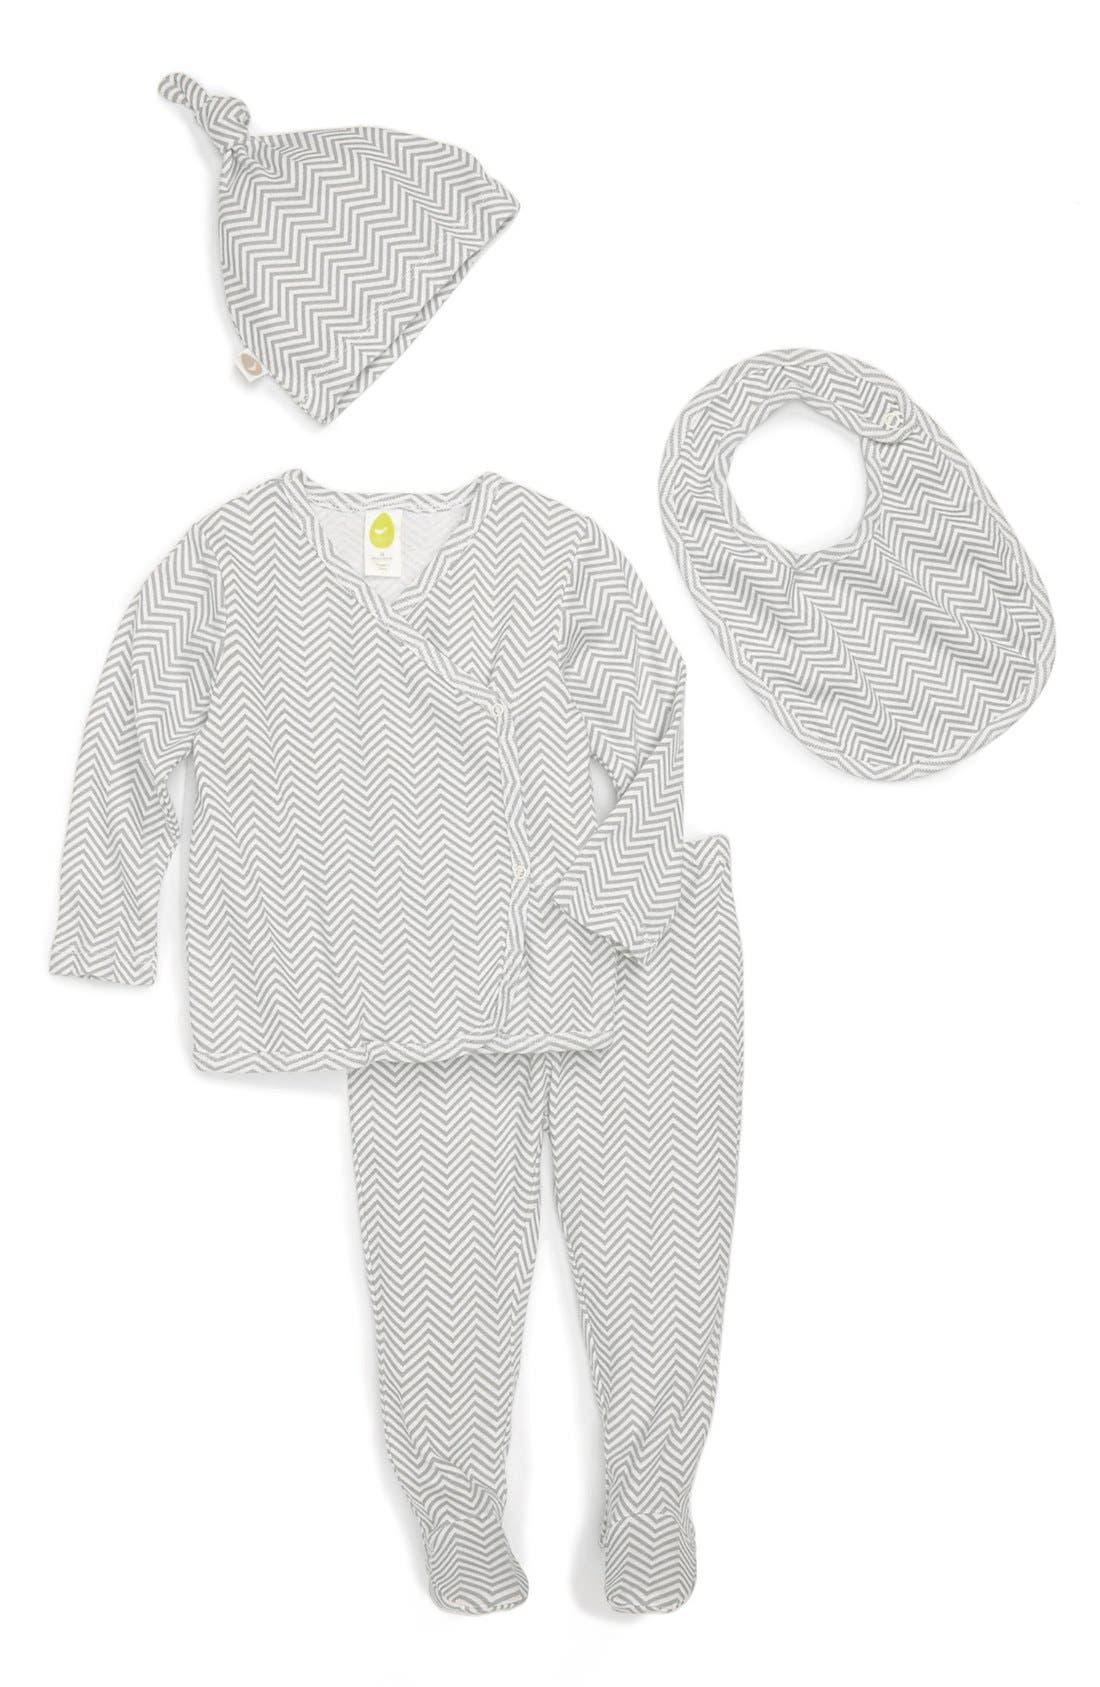 Alternate Image 1 Selected - Stem Baby Organic Cotton Shirt, Pants, Hat & Bib (Baby)